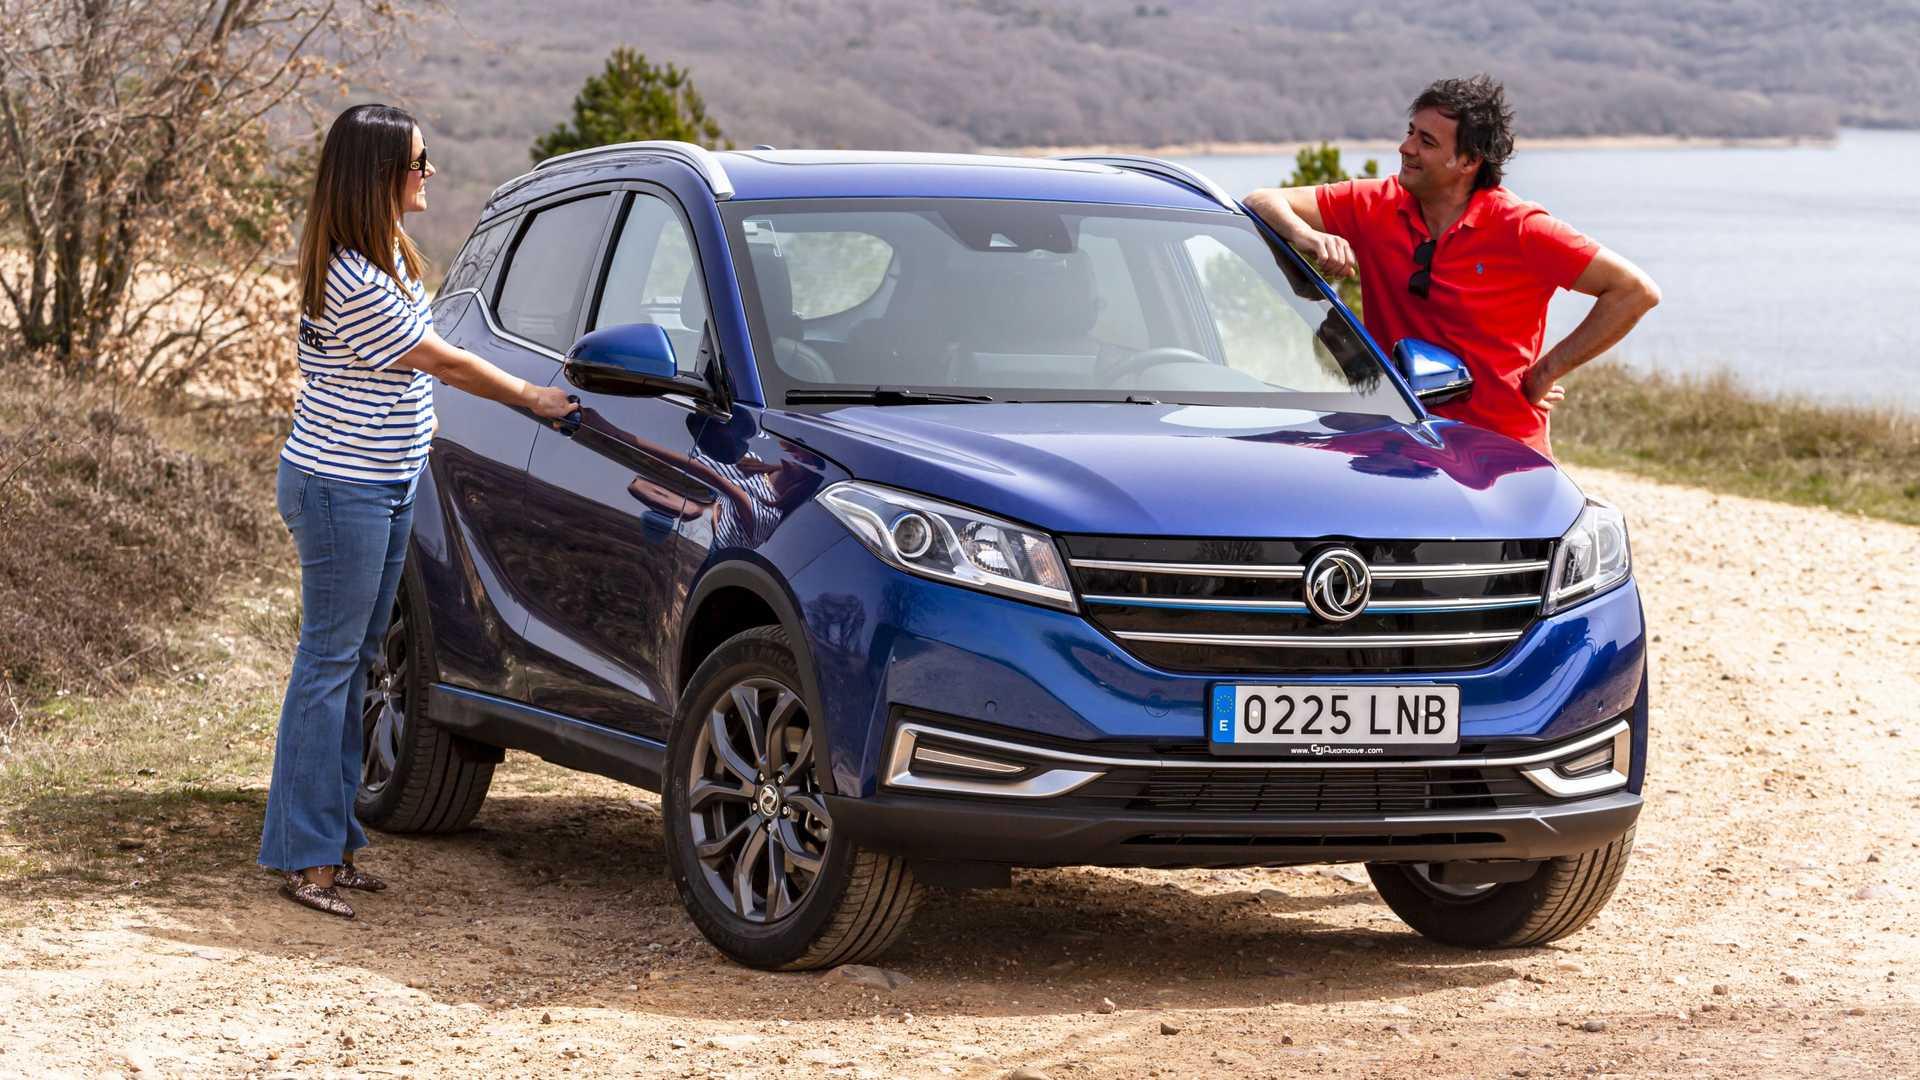 Motor1.com: «DFSK Seres 3: SUV compacto y eléctrico, por 25.495 euros»